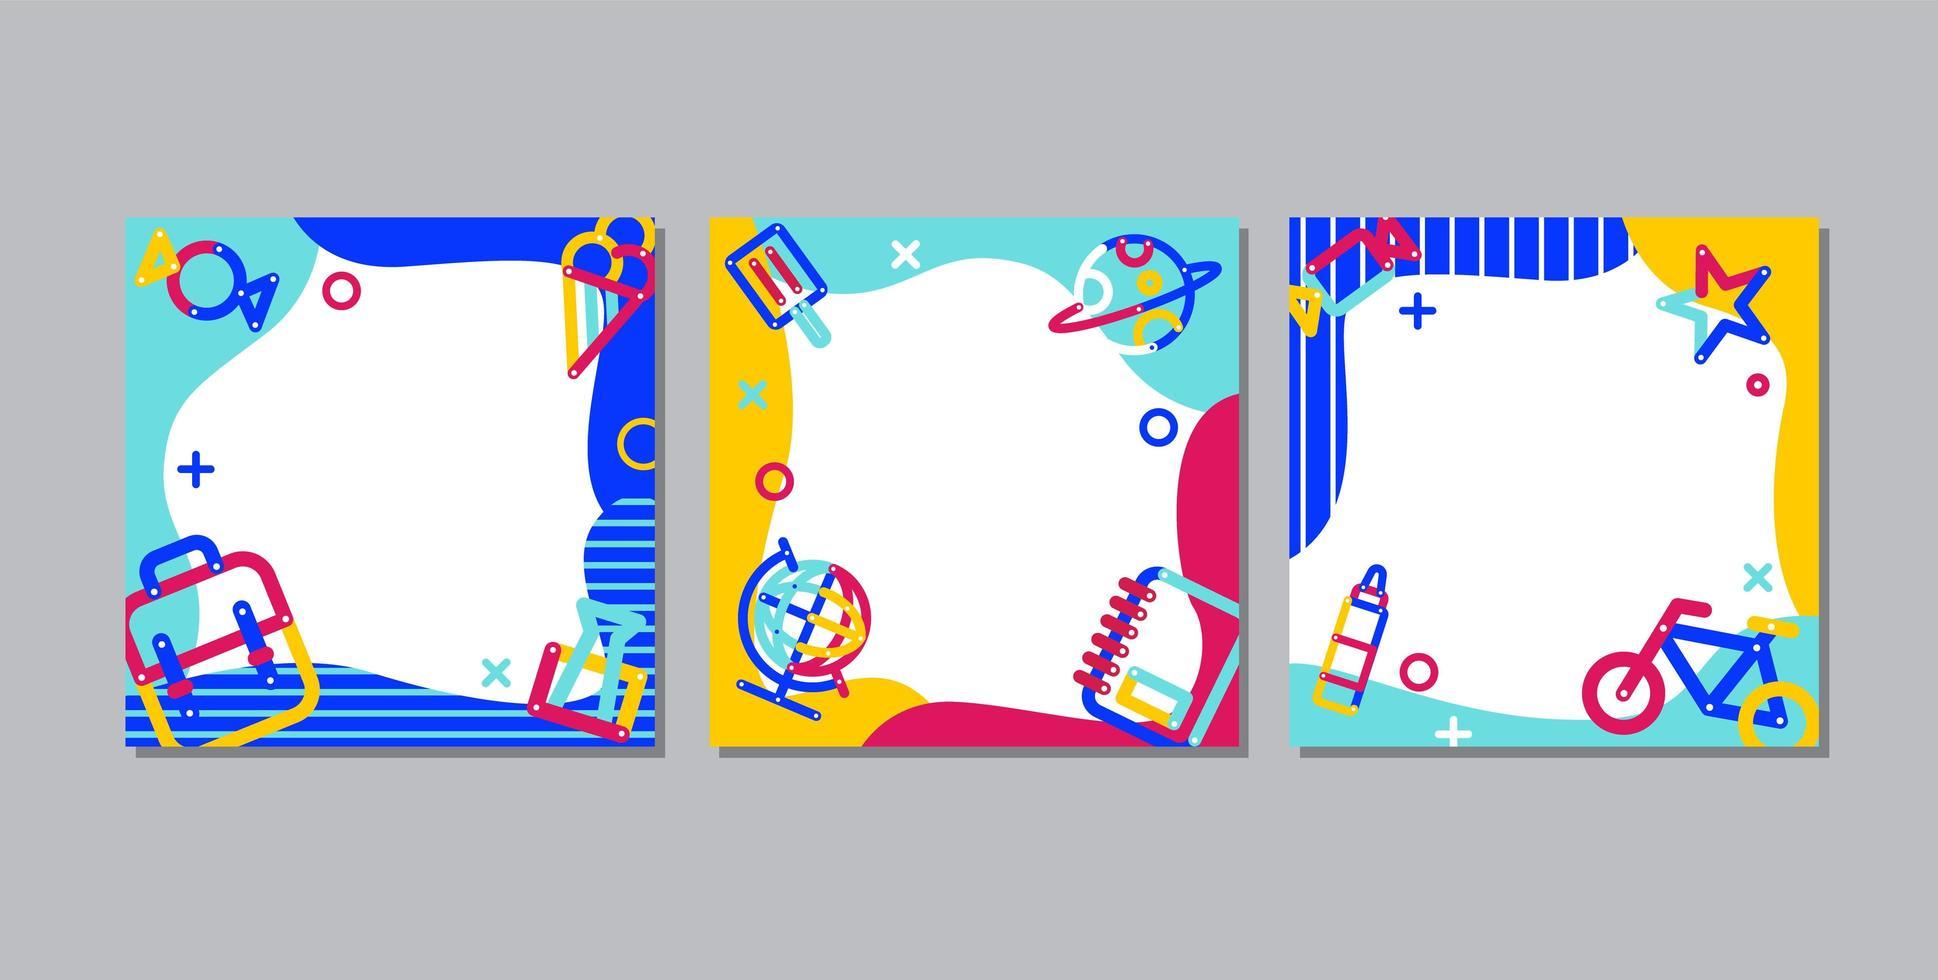 terug naar school, online leren vierkante banner set vector